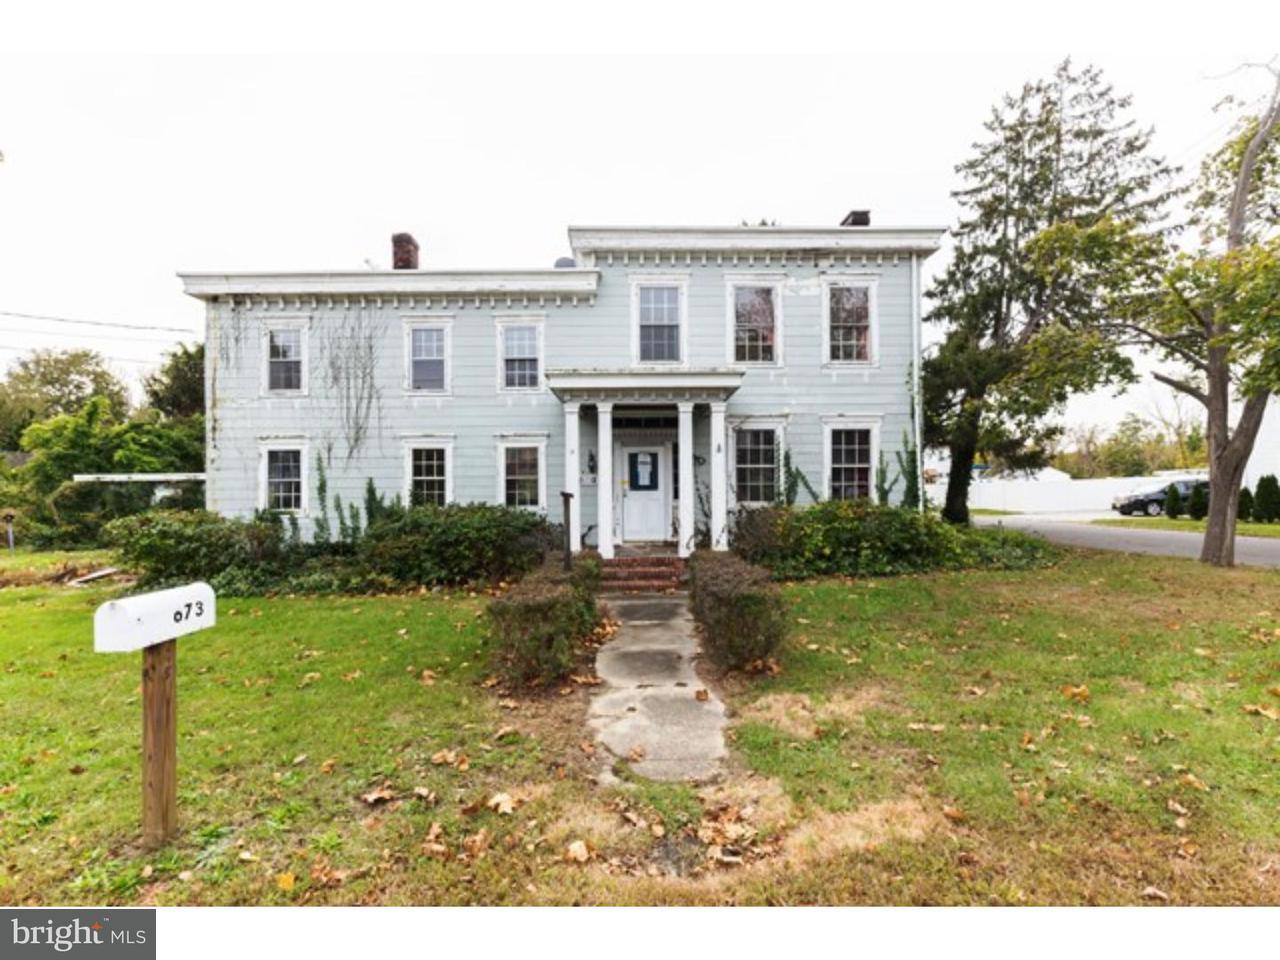 Maison unifamiliale pour l Vente à 673 E BAY Avenue Barnegat, New Jersey 08005 États-Unis